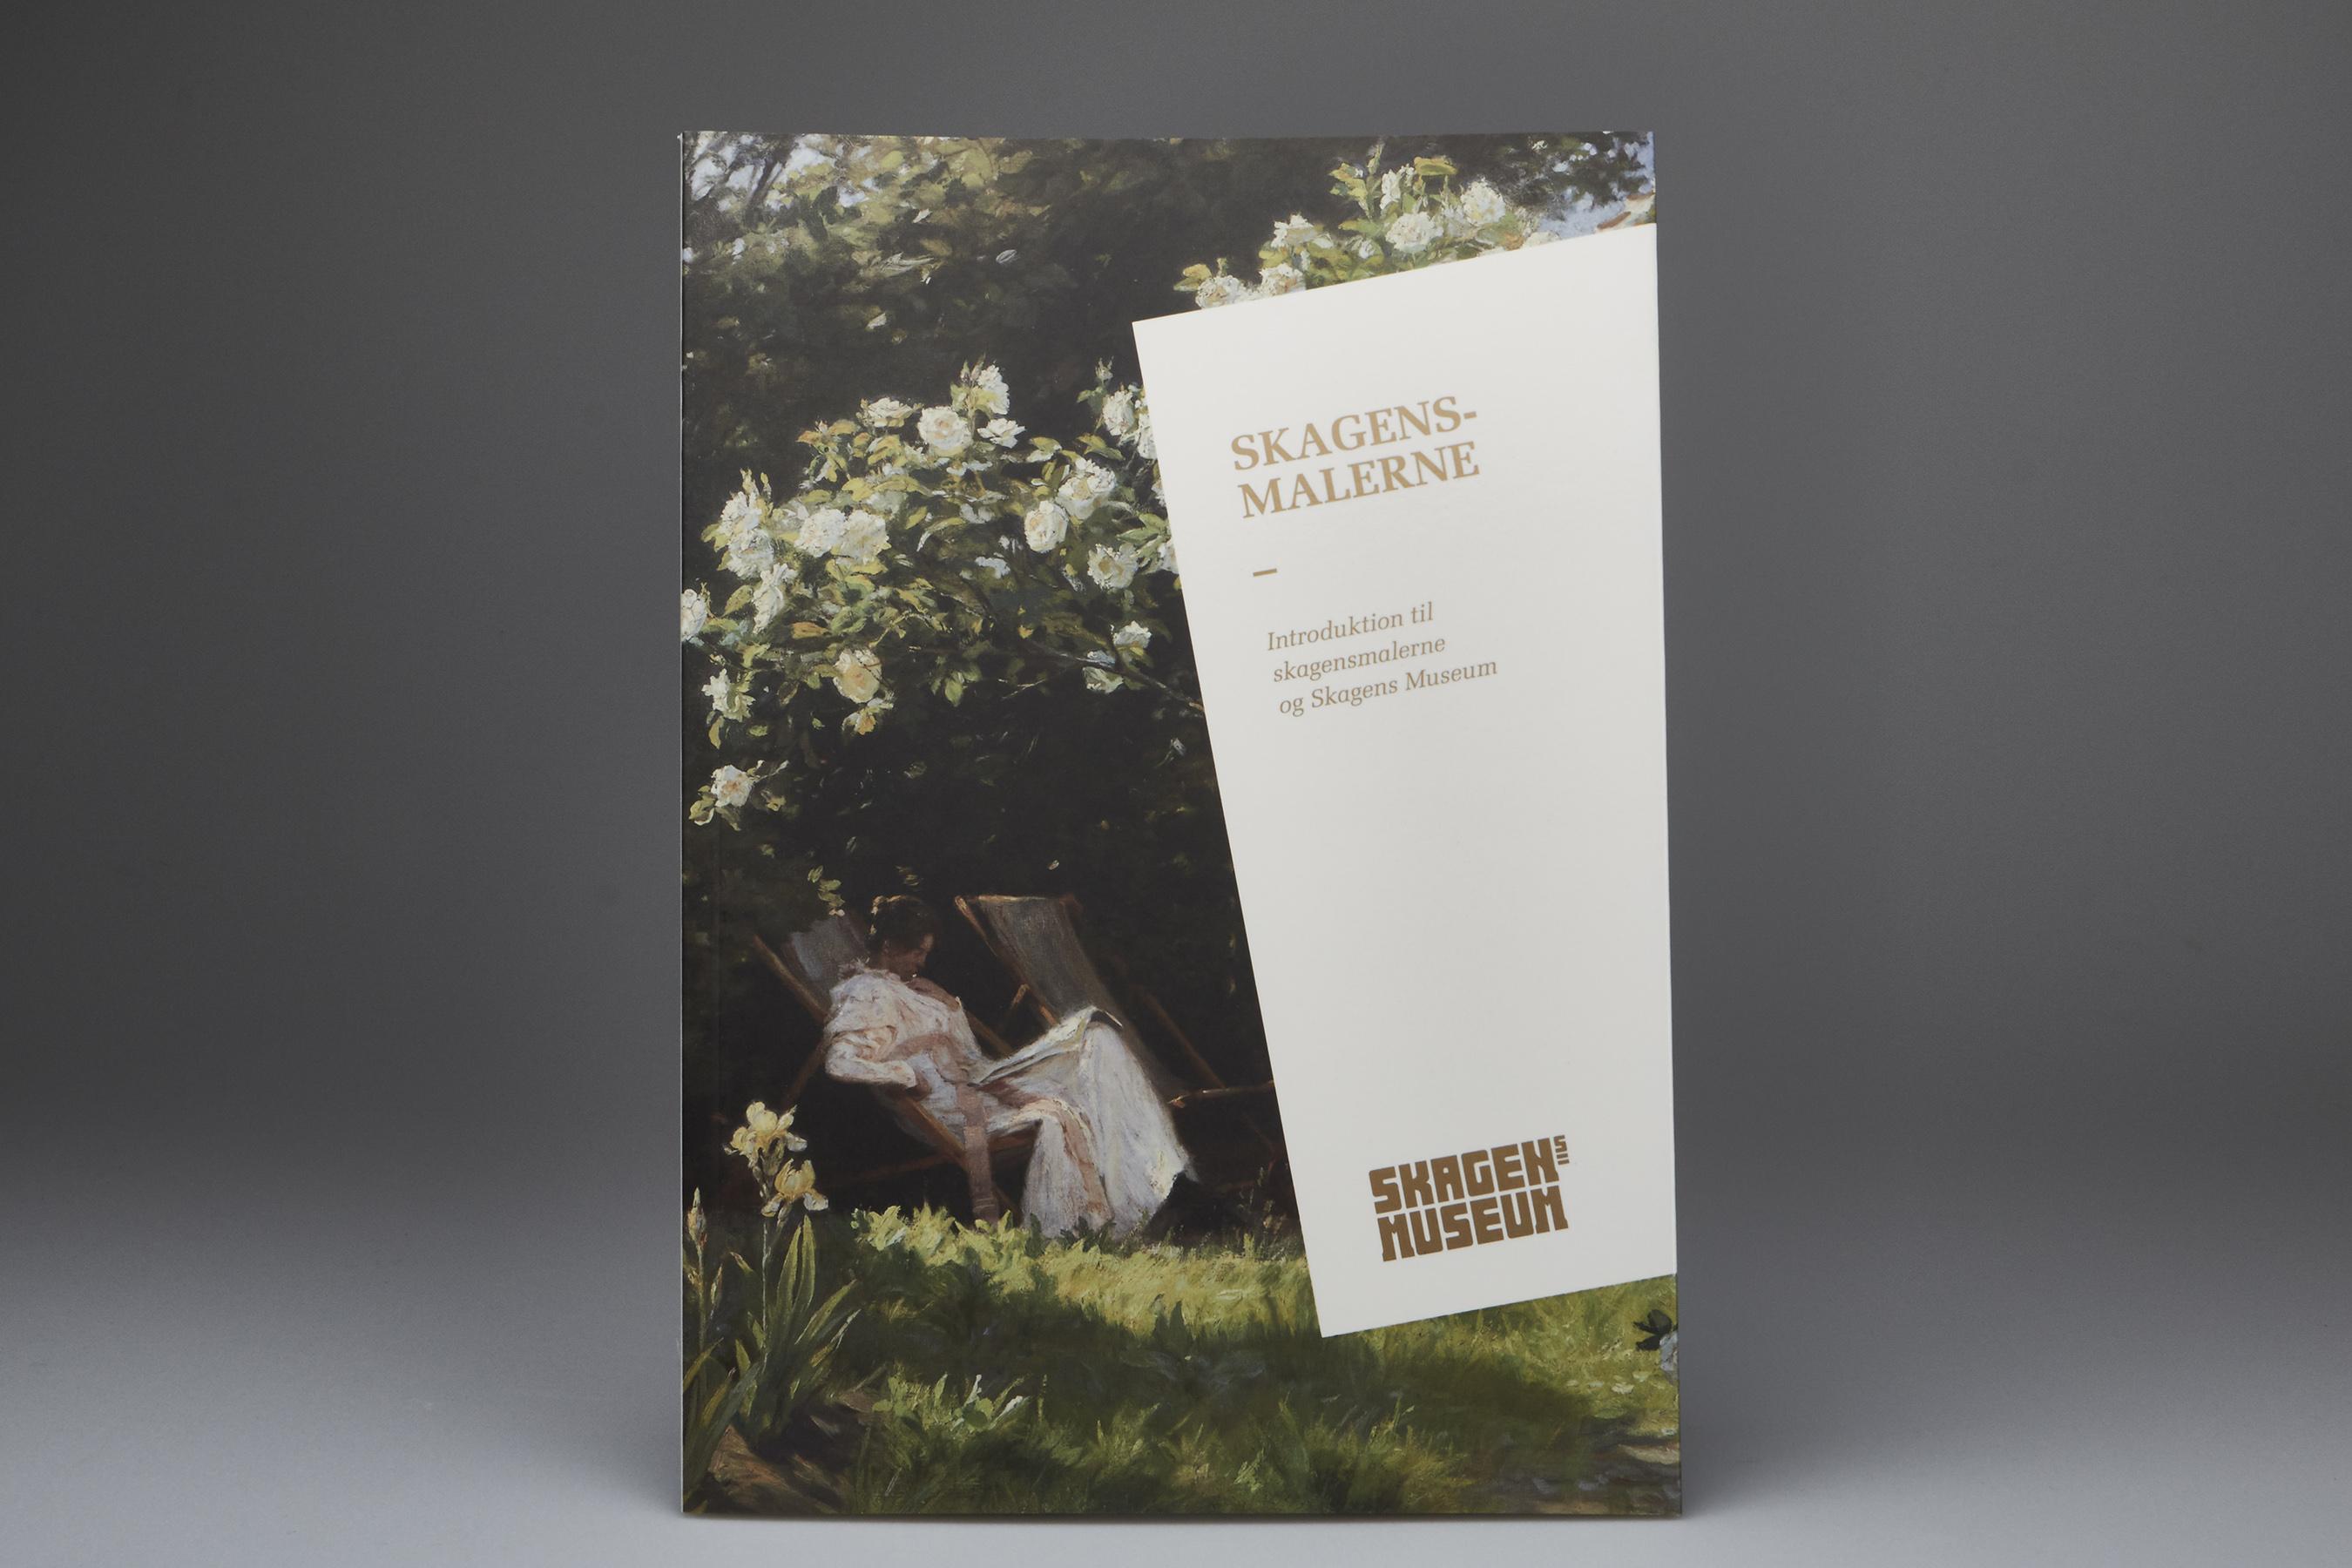 Skagensmalerne - Introduktion til skagensmalerne og Skagens Museum   Køb i webshop   Skagens ...